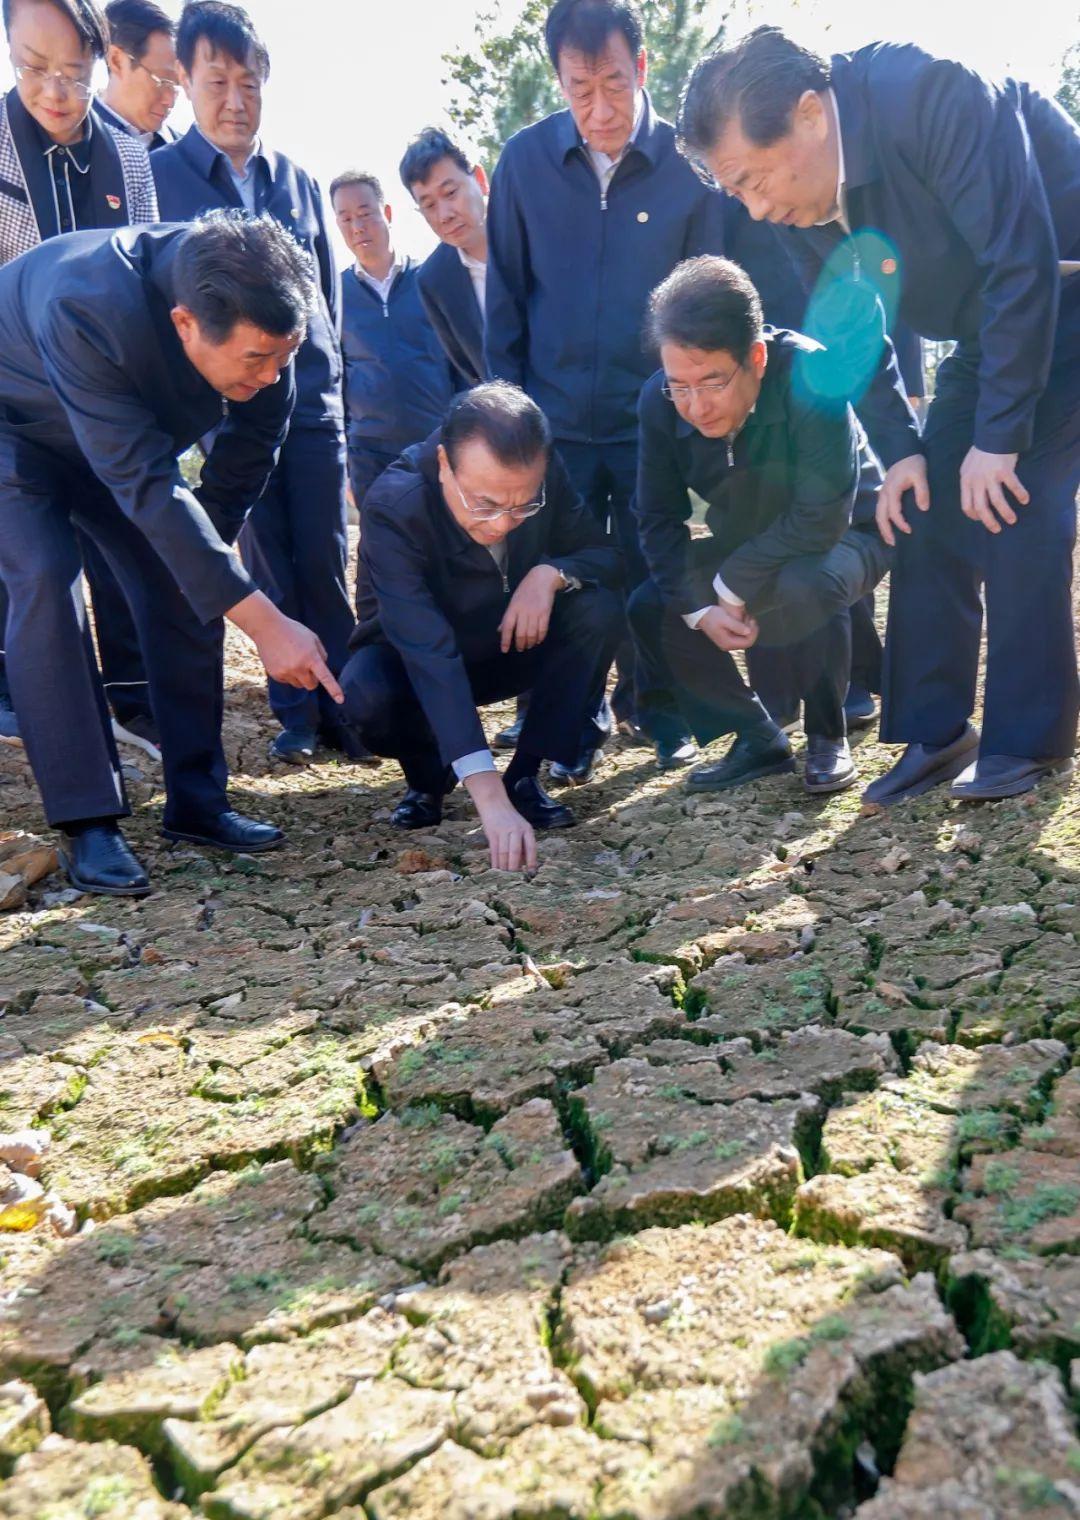 李克强在江西干涸的水库边抠起一块泥土:这里旱得可不轻啊